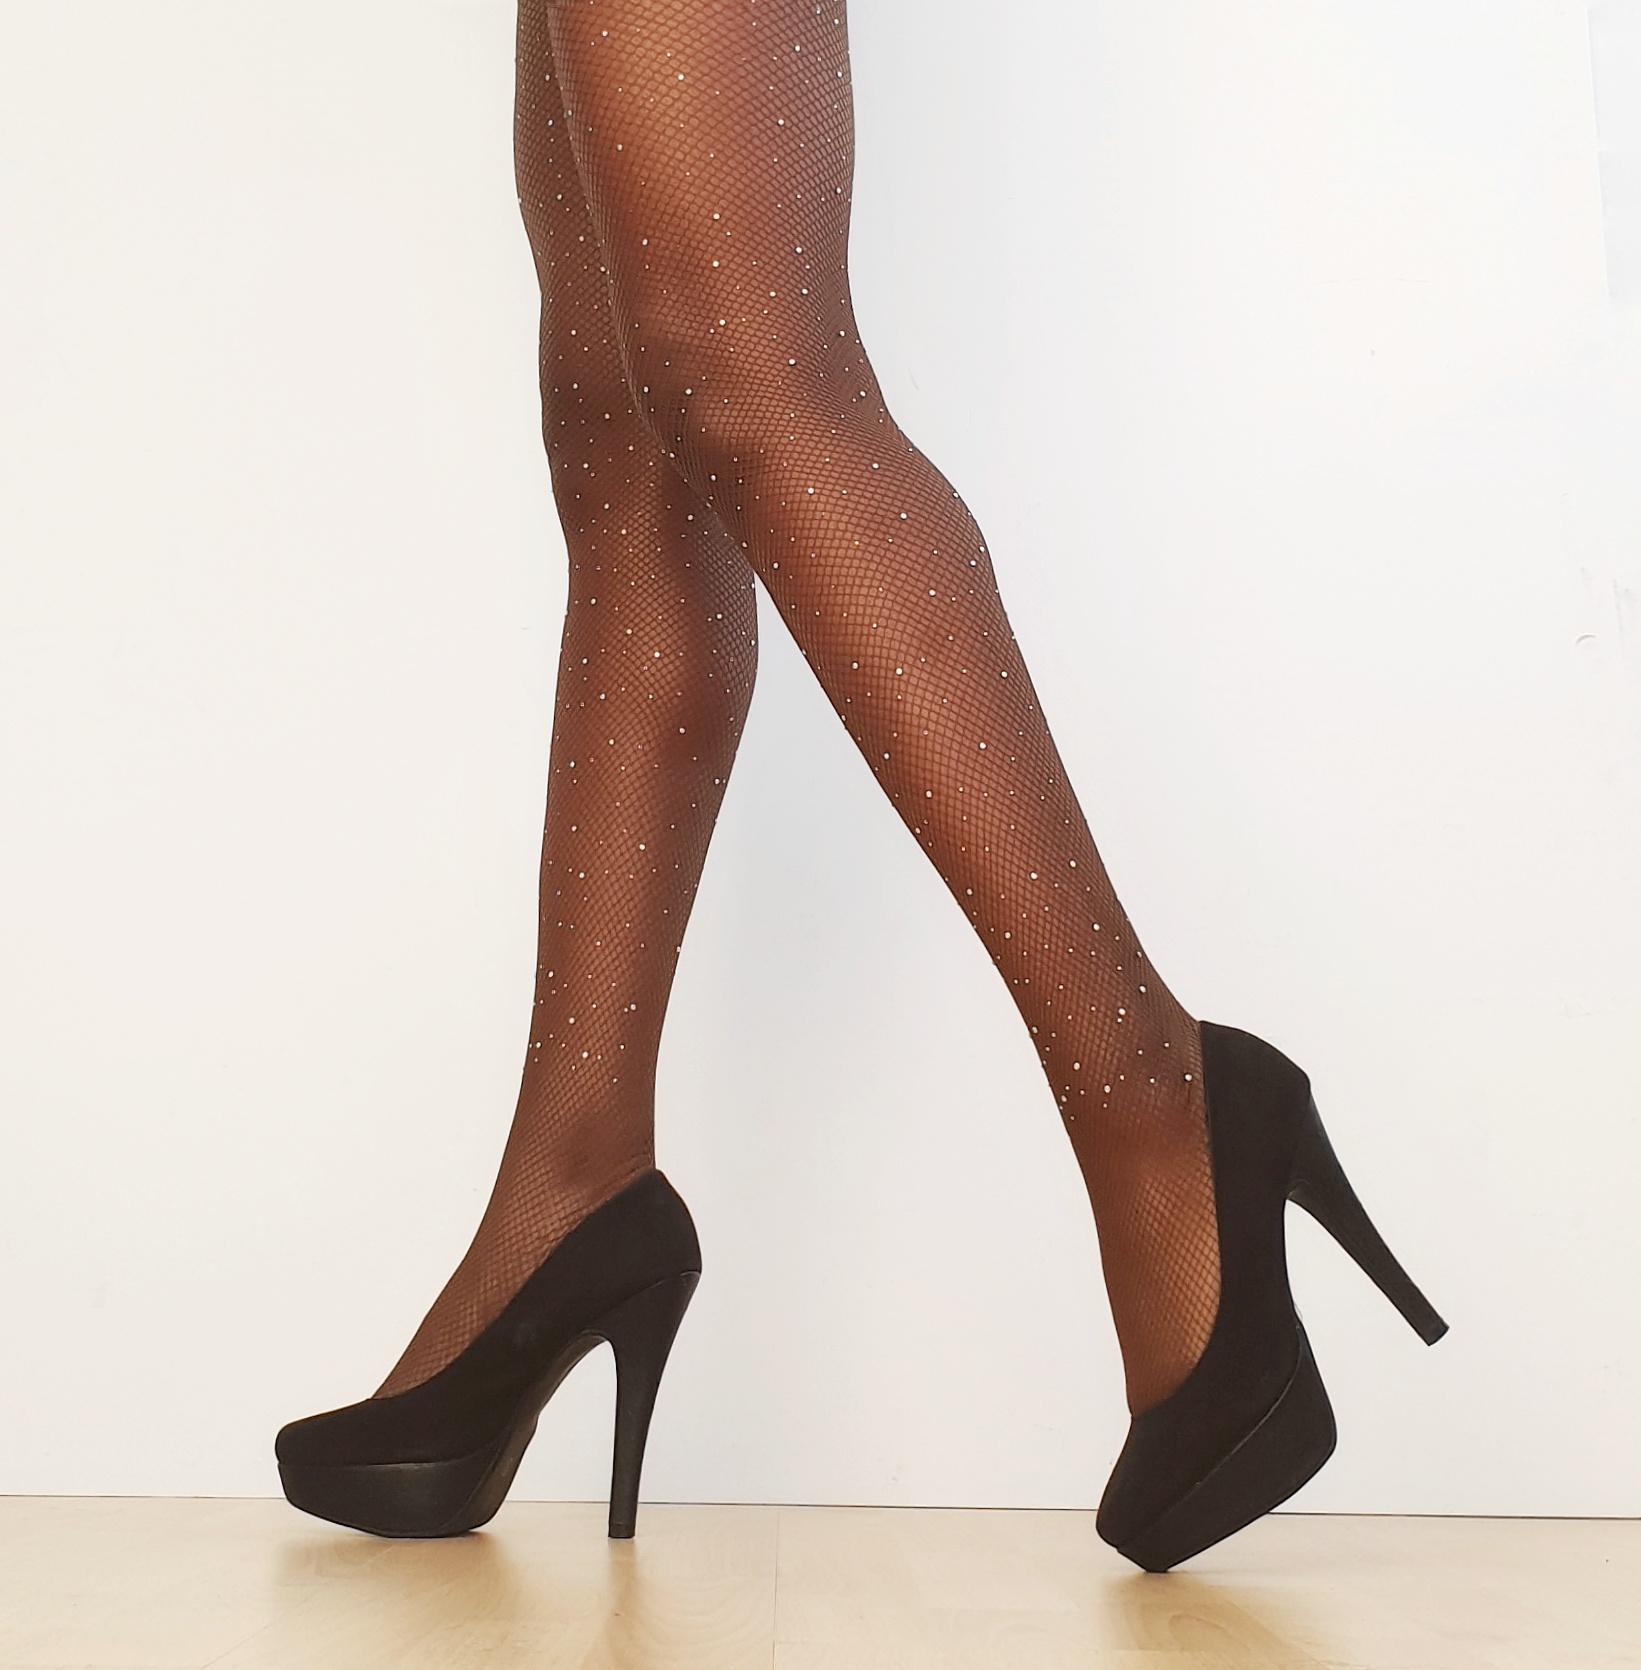 Pin by Tony on ladyruffdiamond   Fashion, Lady, Stockings